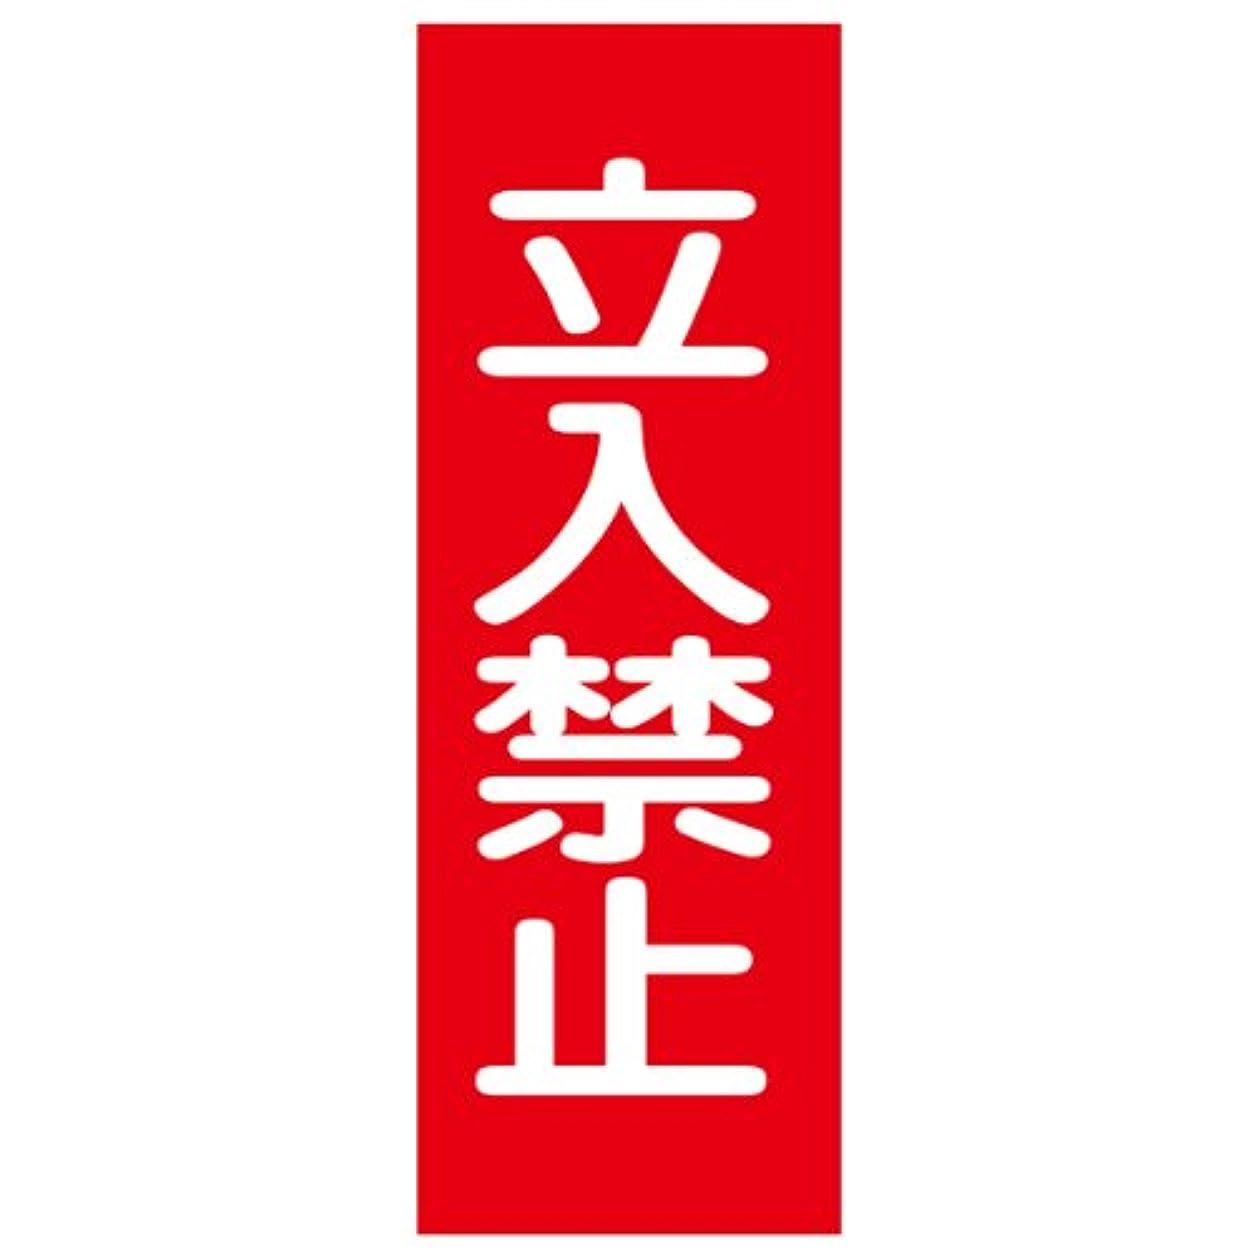 緑十字 マグネプレート MG-13 立入禁止 086013